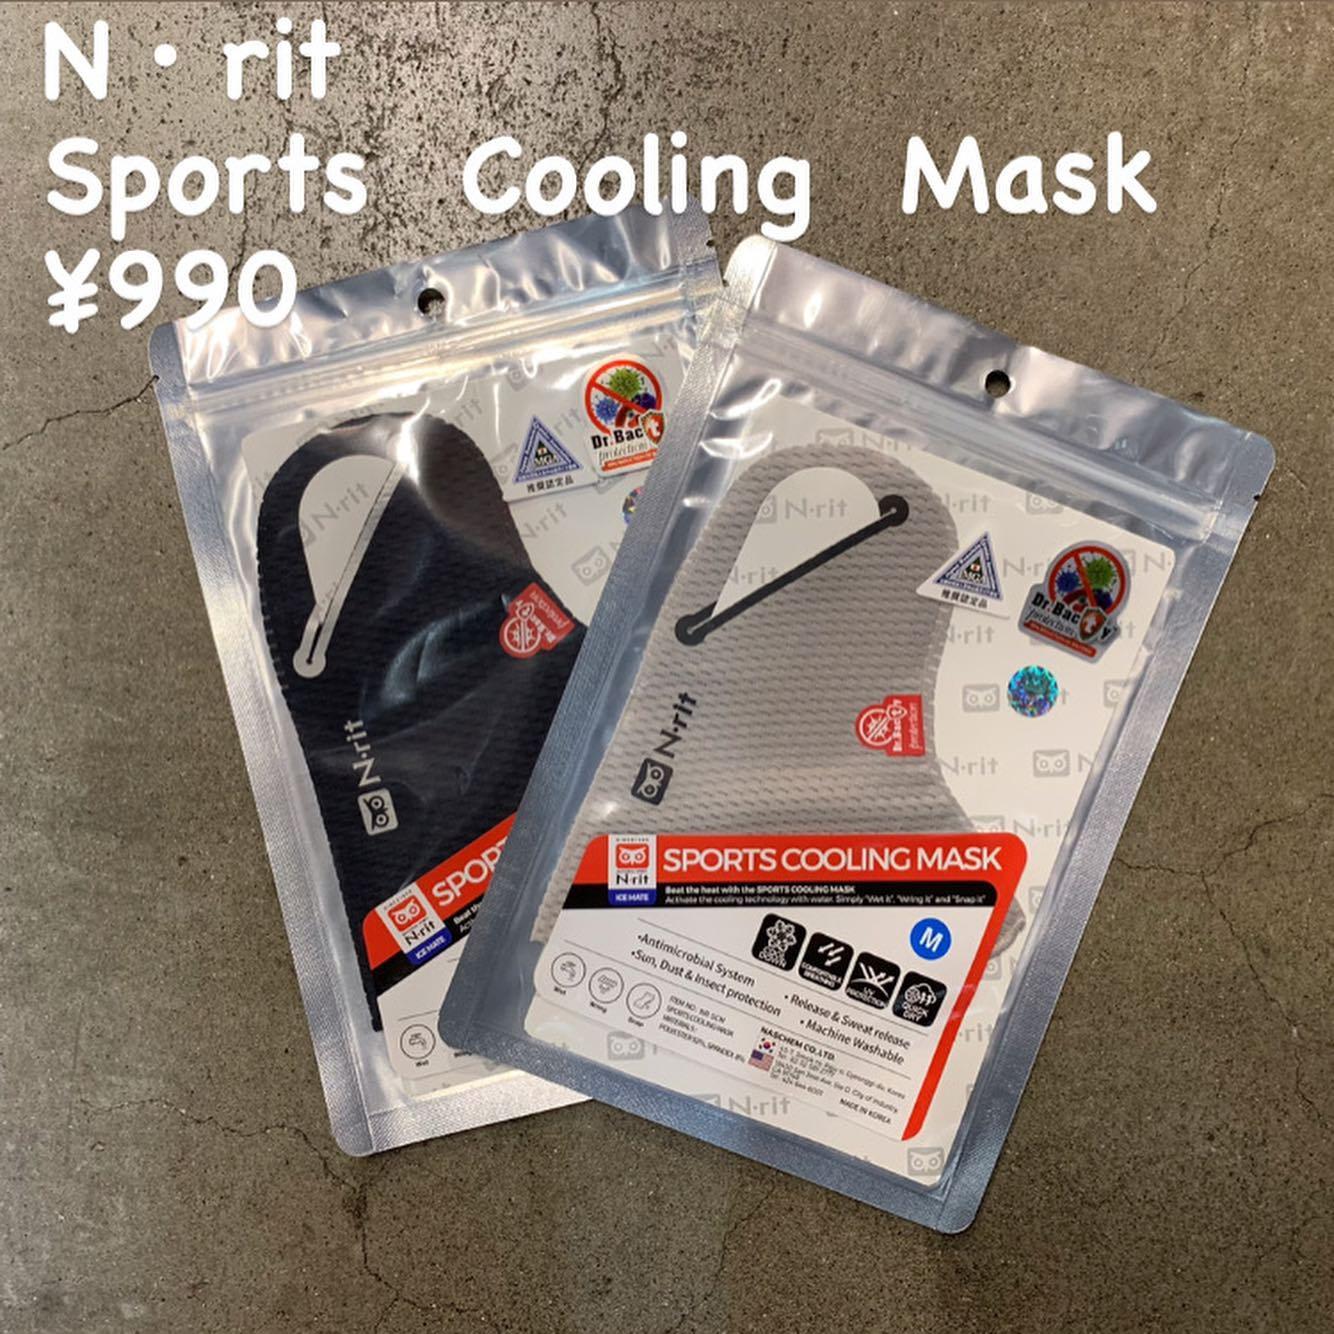 高通気性の良さで蒸し暑い季節や、運動時も快適に『N・rit スポーツ クーリング マスク』のご紹介